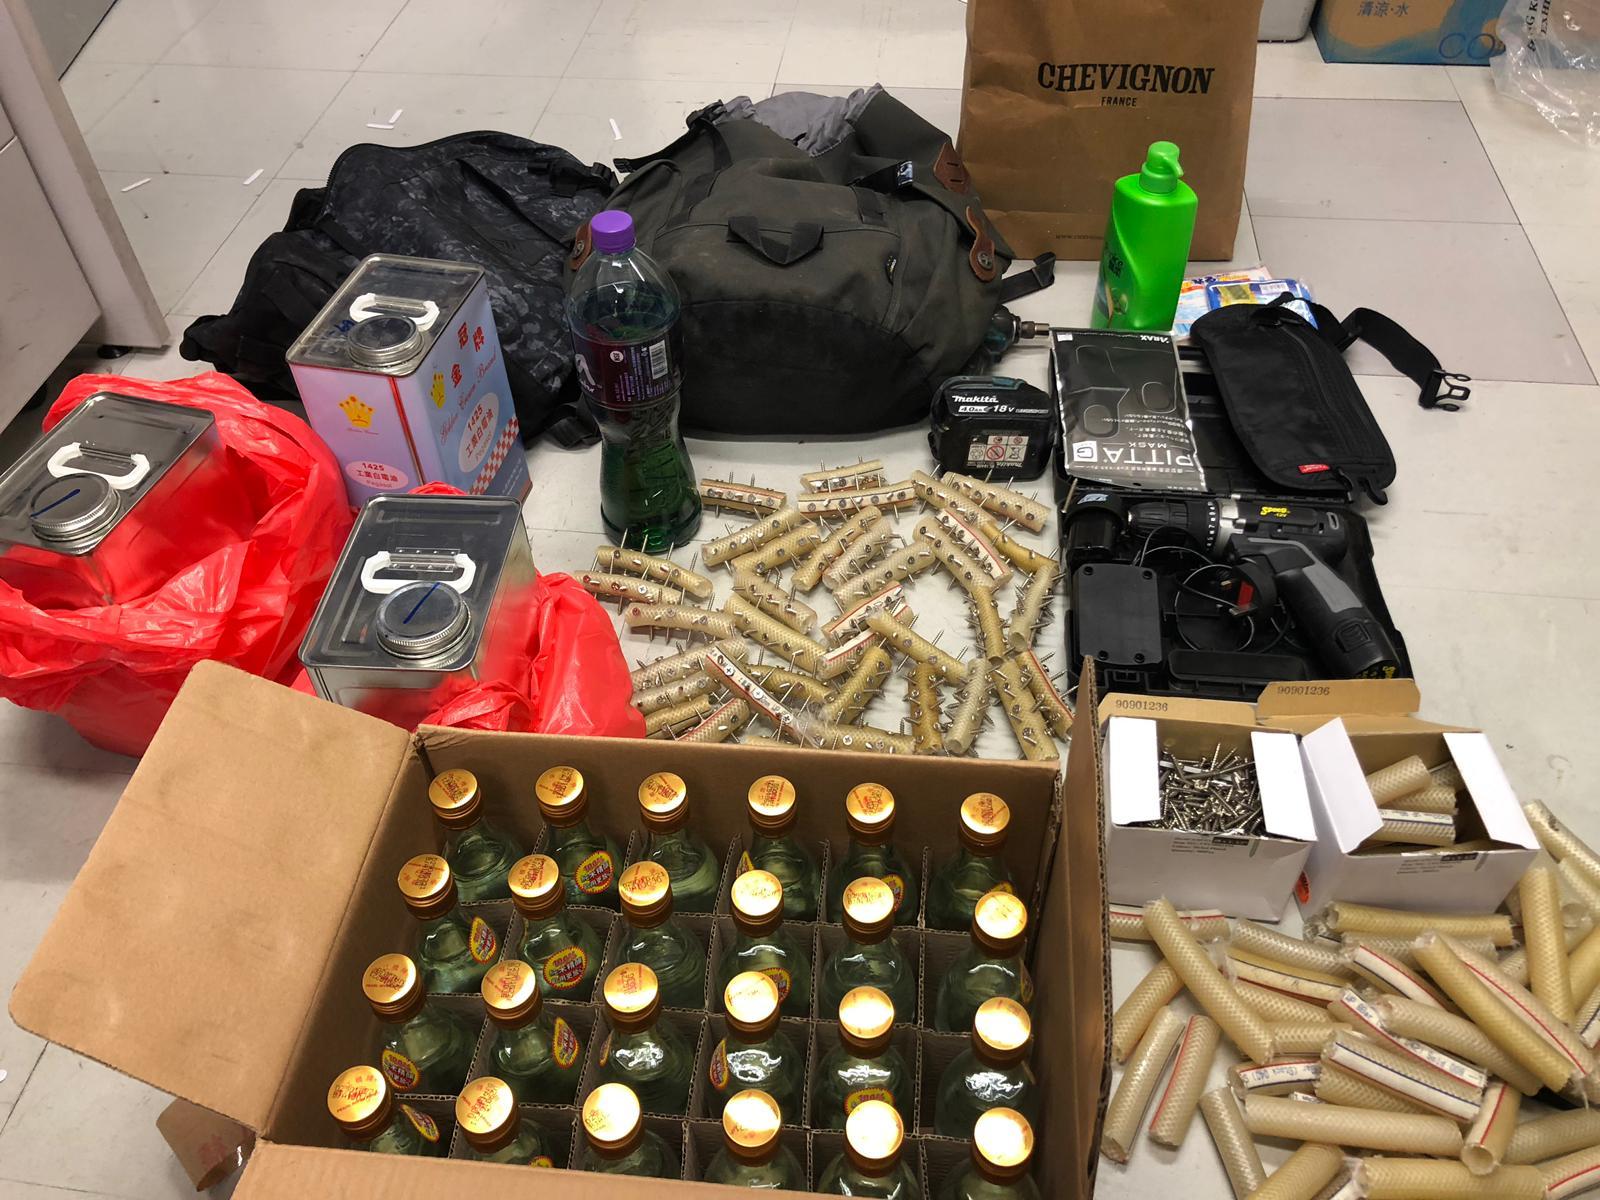 警方在行动中查获的一批攻击性物品。(图源:星岛日报网)